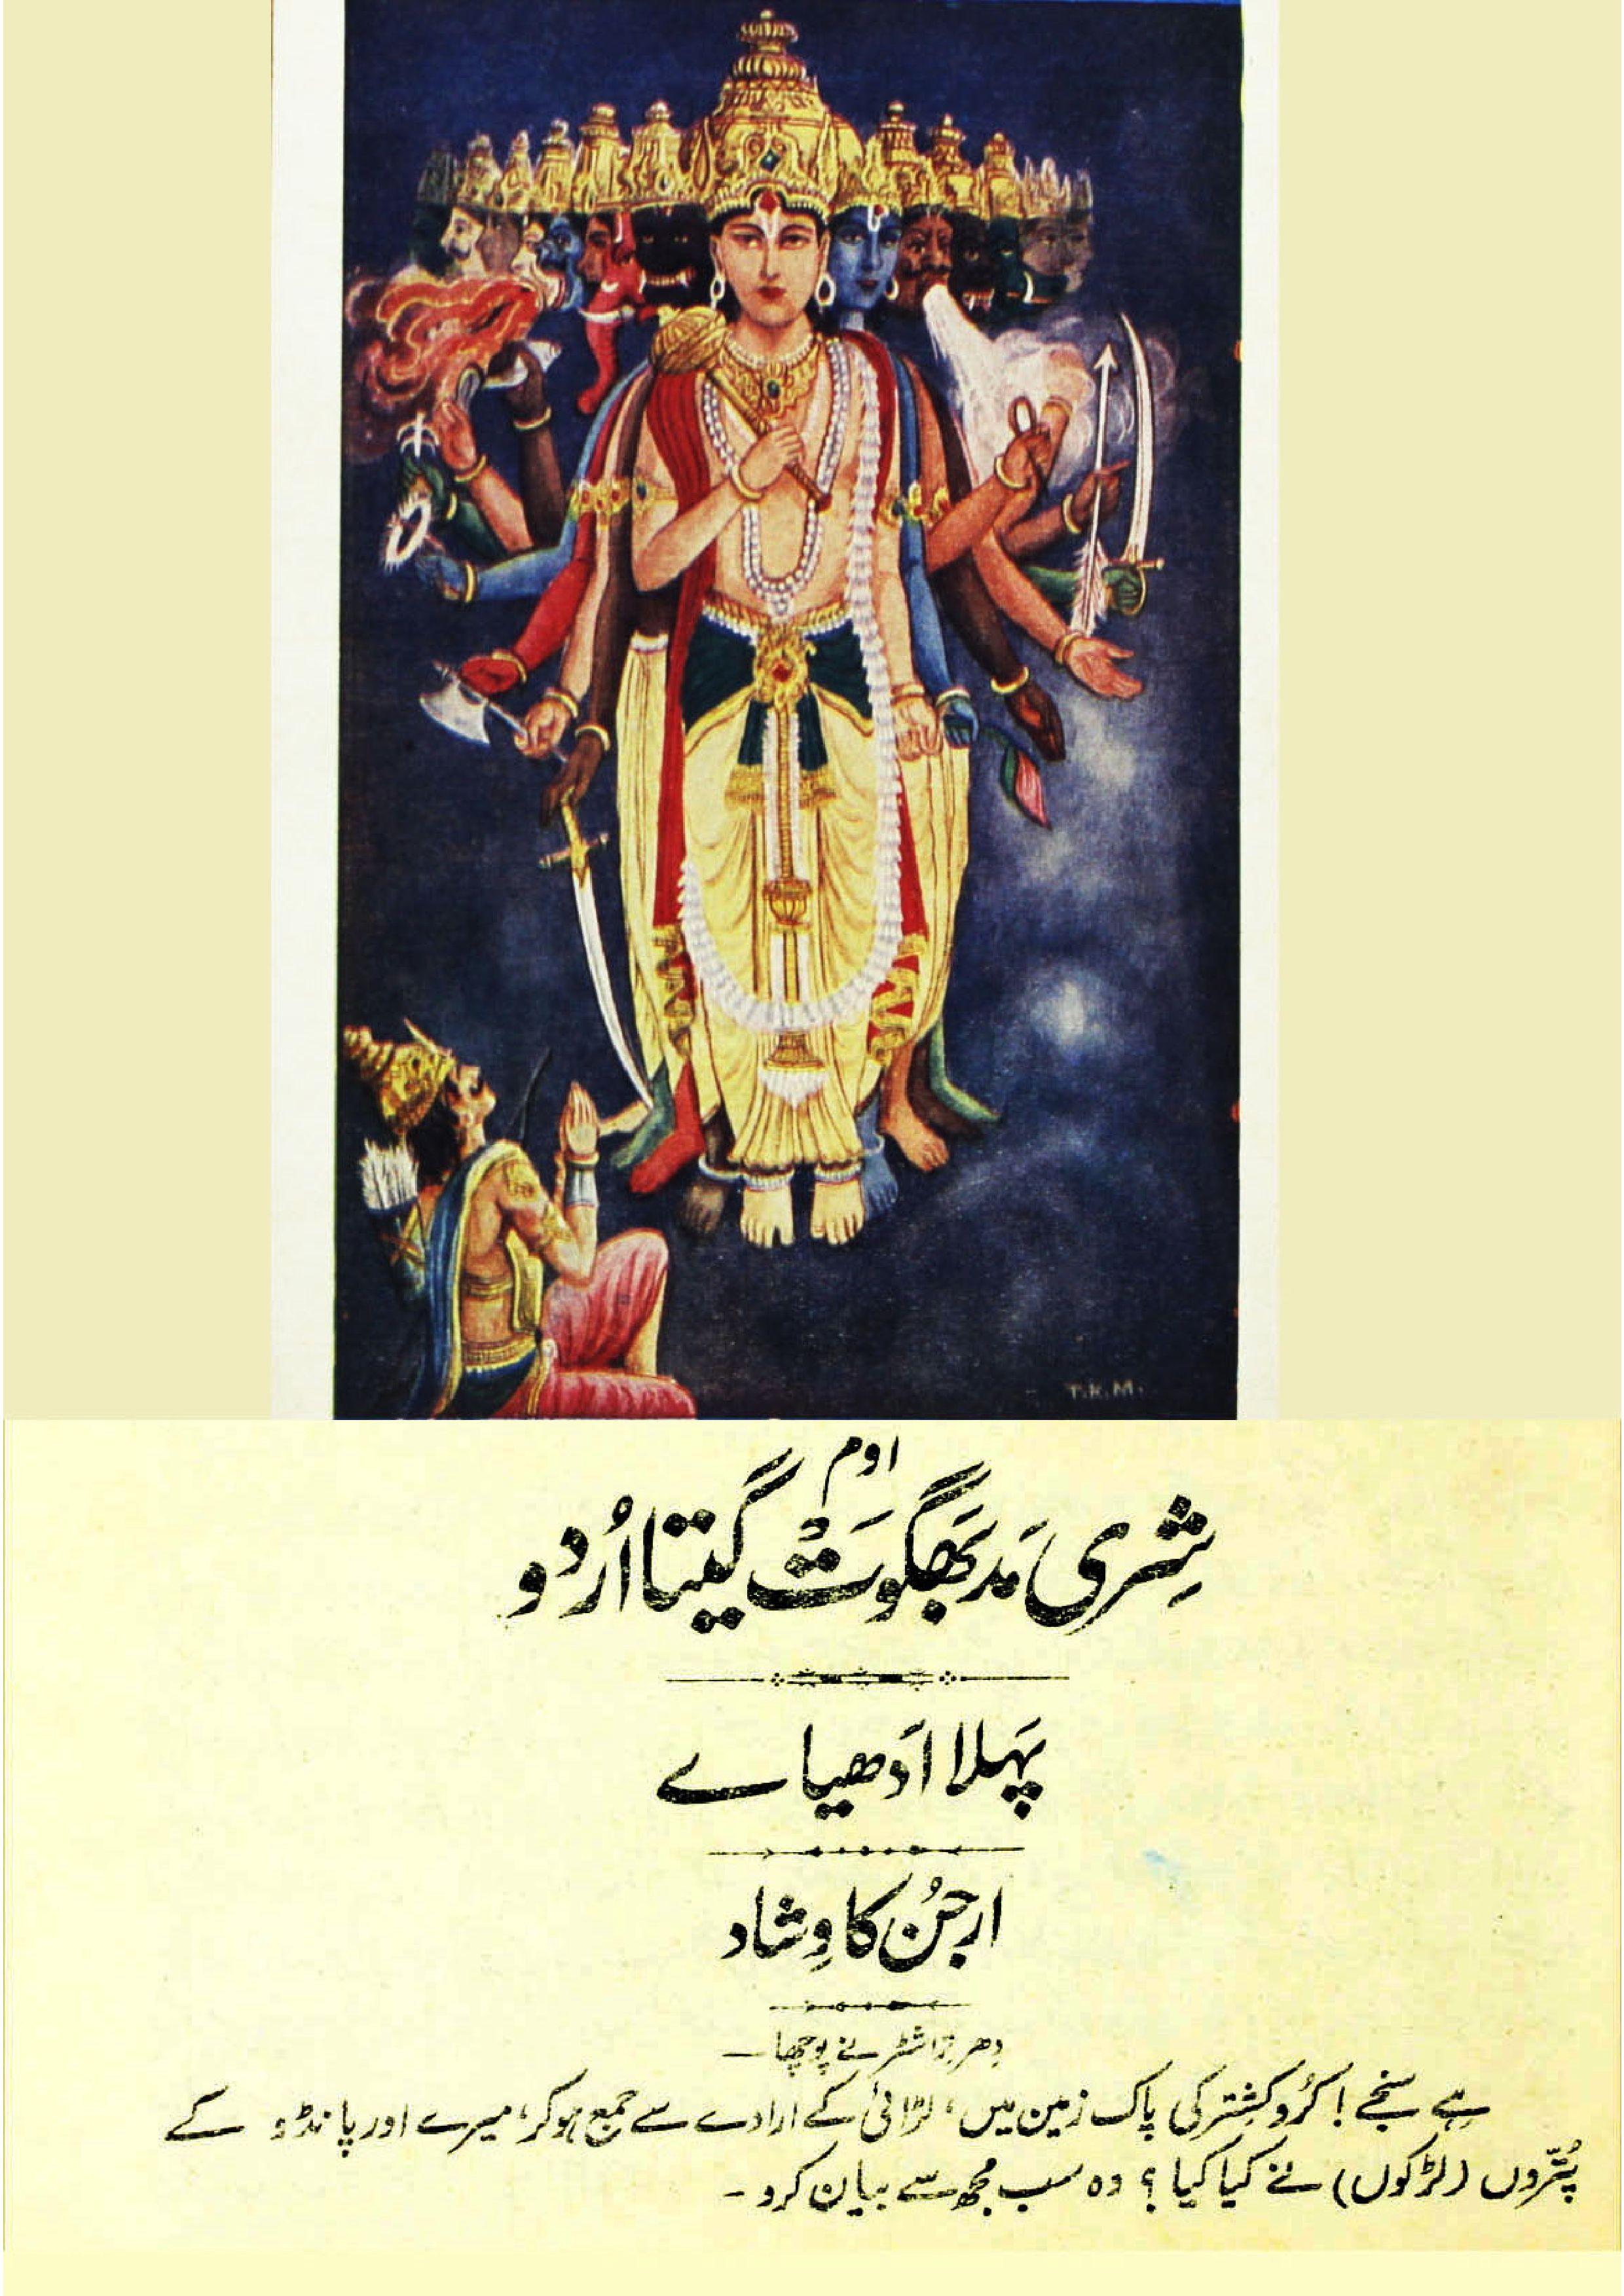 Shri Mad Bhagwat Geeta Urdu